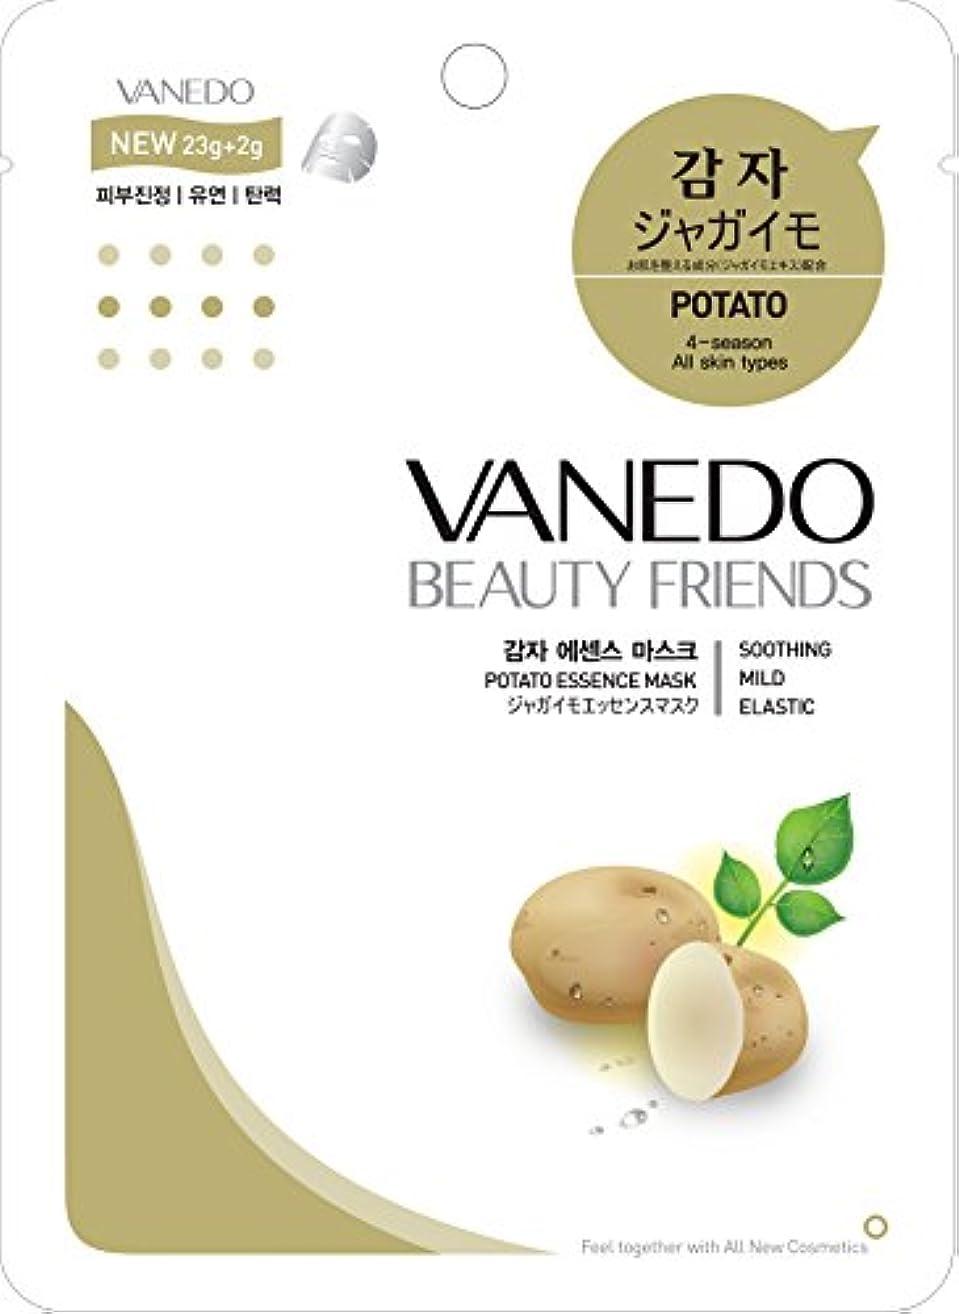 北活力賢明な【VANEDO】バネド シートマスク ジャガイモ 10枚セット/エッセンス/保湿/フェイスマスク/フェイスパック/マスクパック/韓国コスメ [メール便]